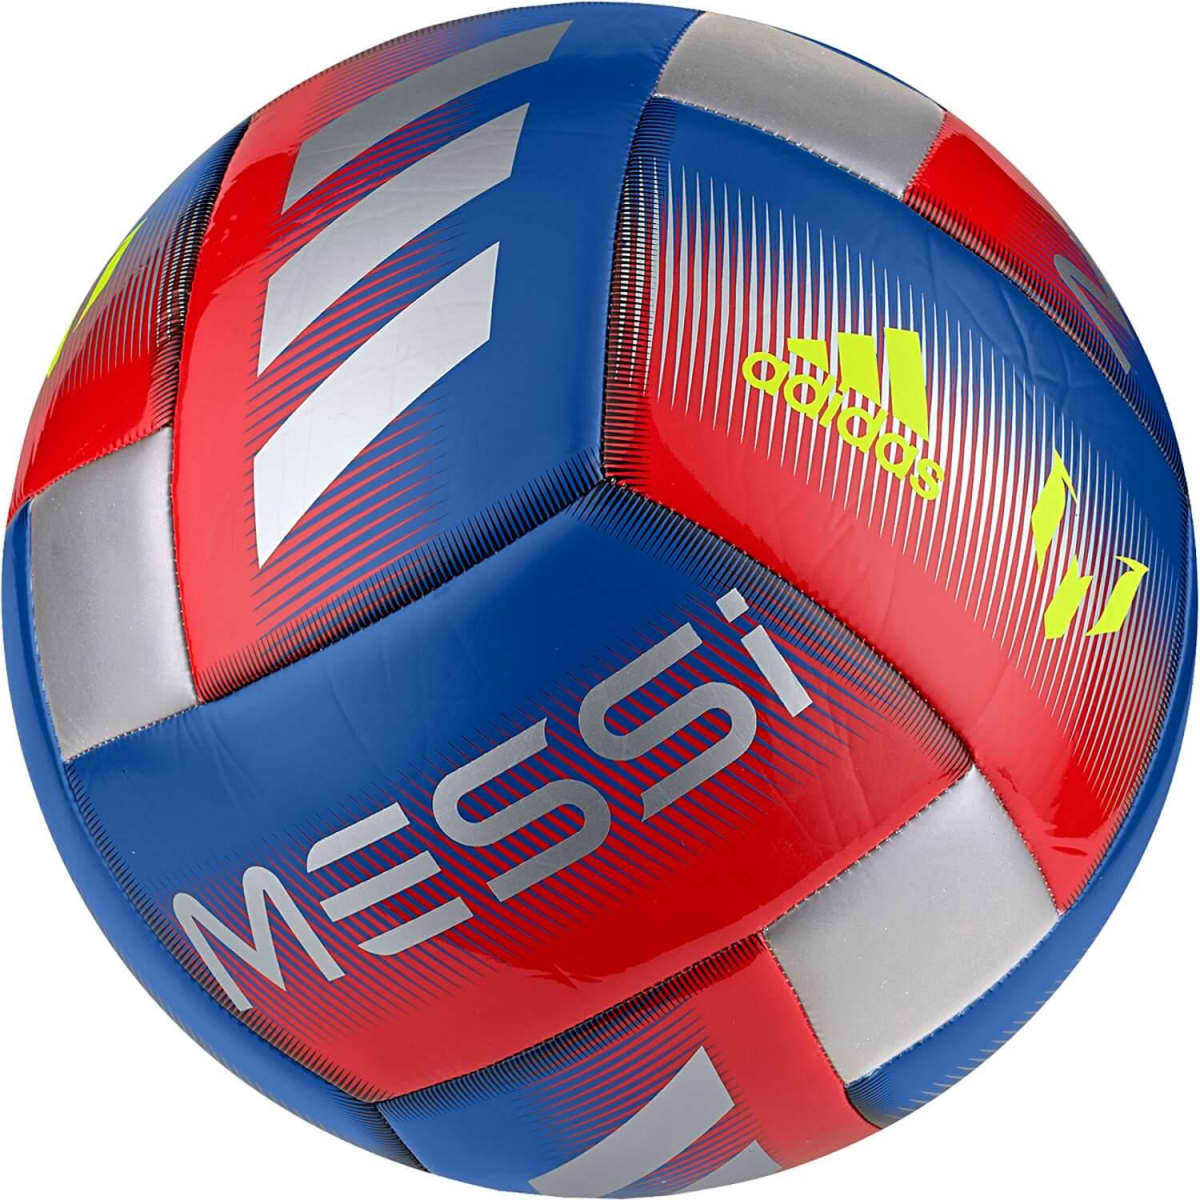 e7855265d61 Soccer | Balls | Sportsmans Warehouse